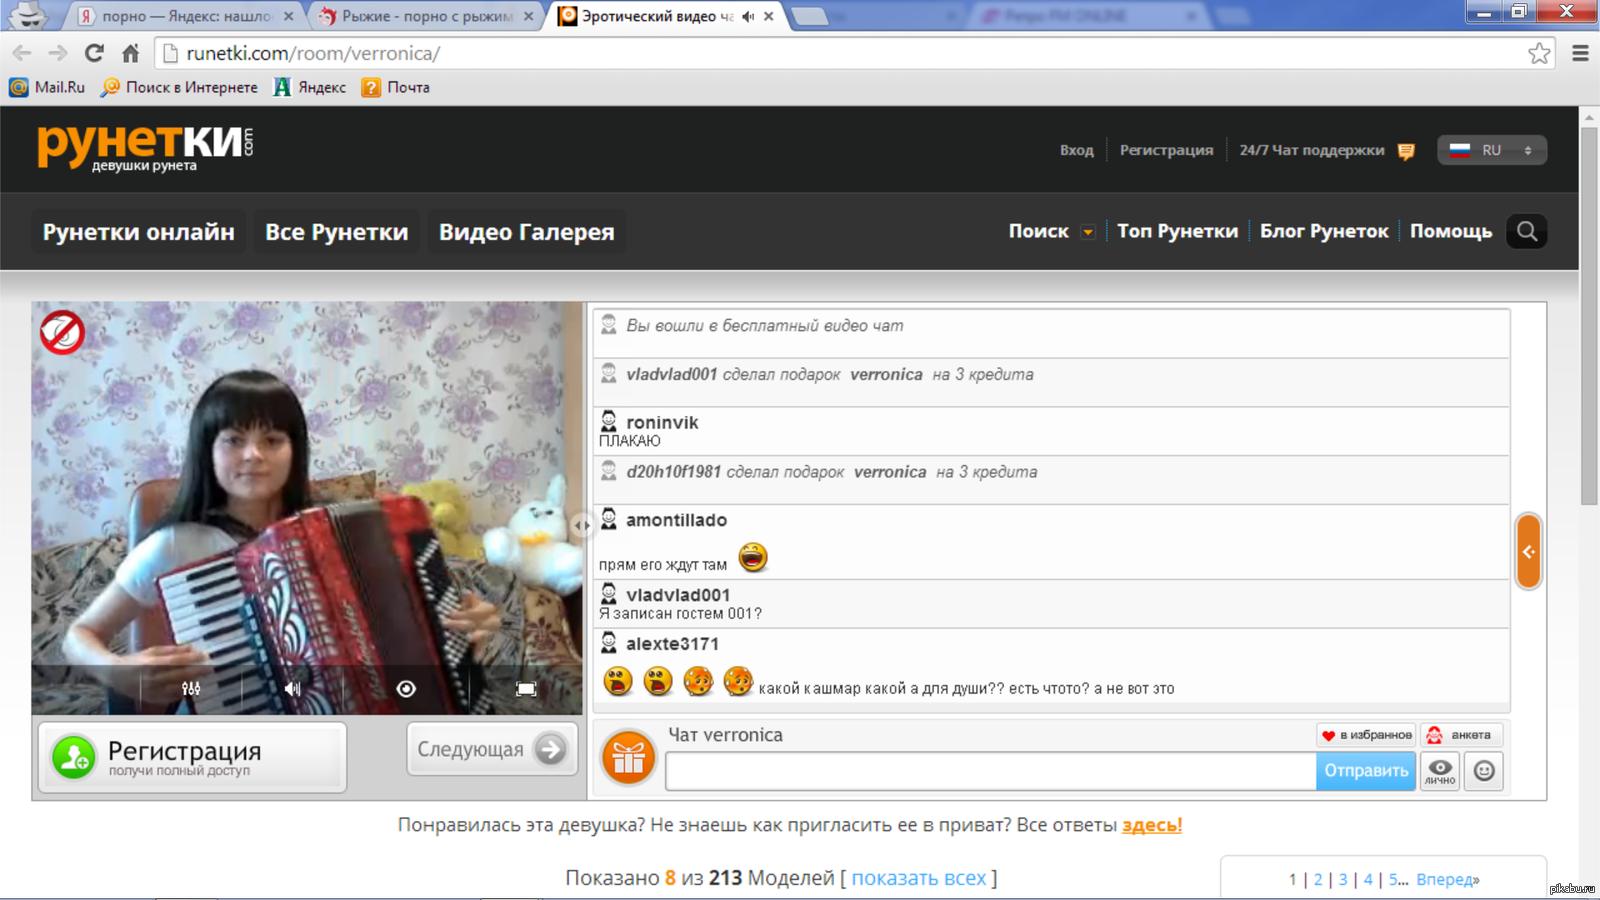 Рунетки порно чат онлайн бесплатно 10 фотография